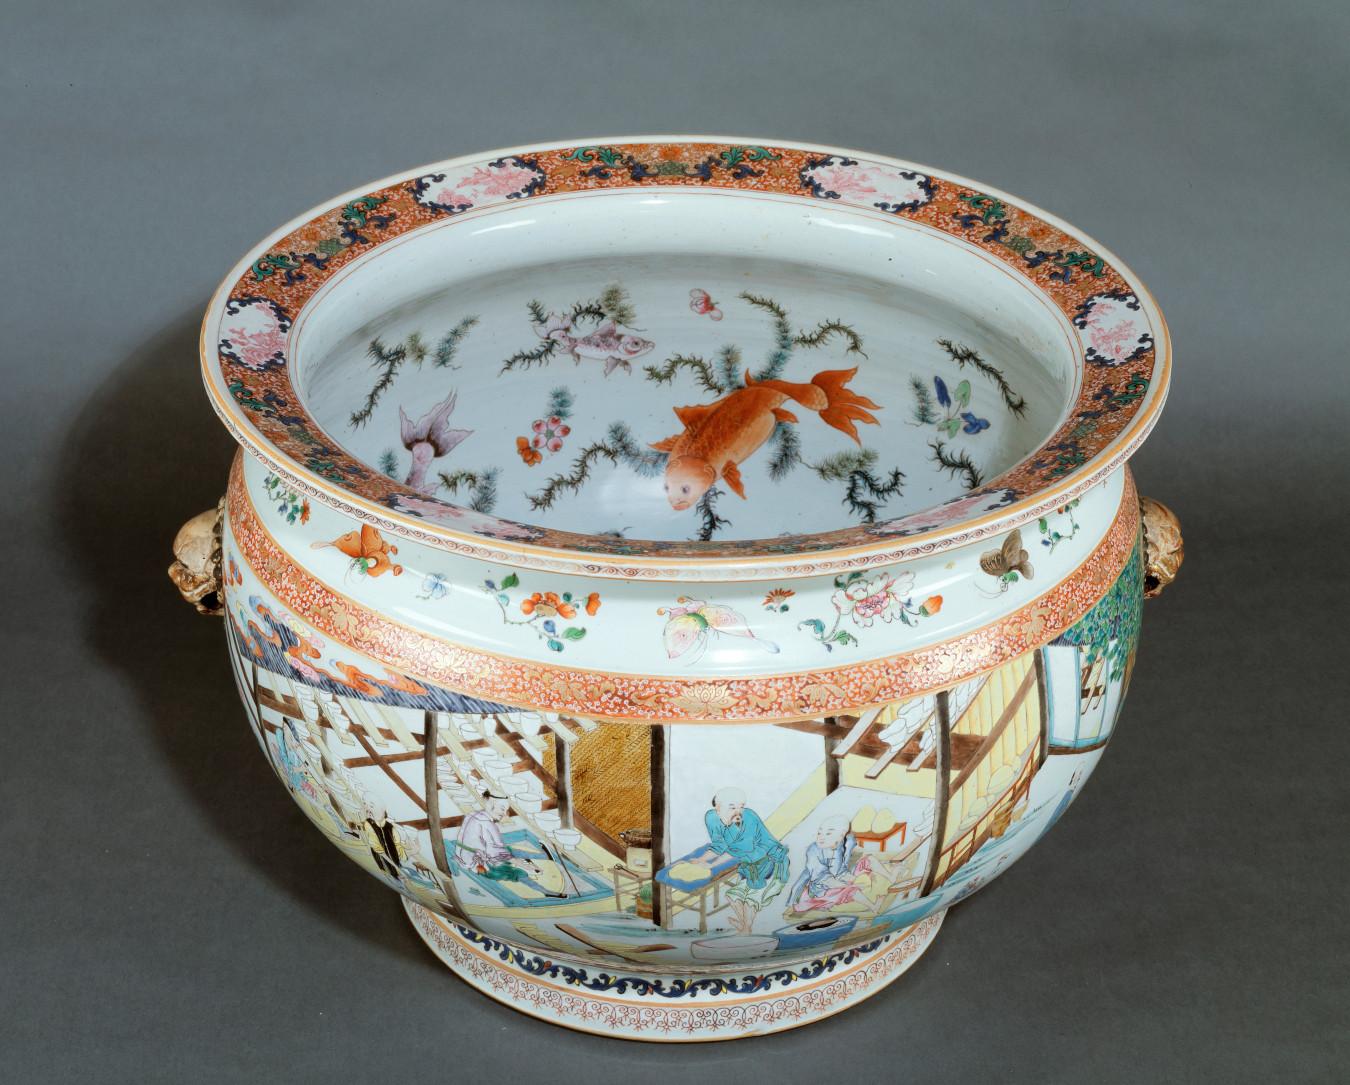 Fish bowl porcelain from Jingdezhen, China - credit: Kunstmuseum Den Haag